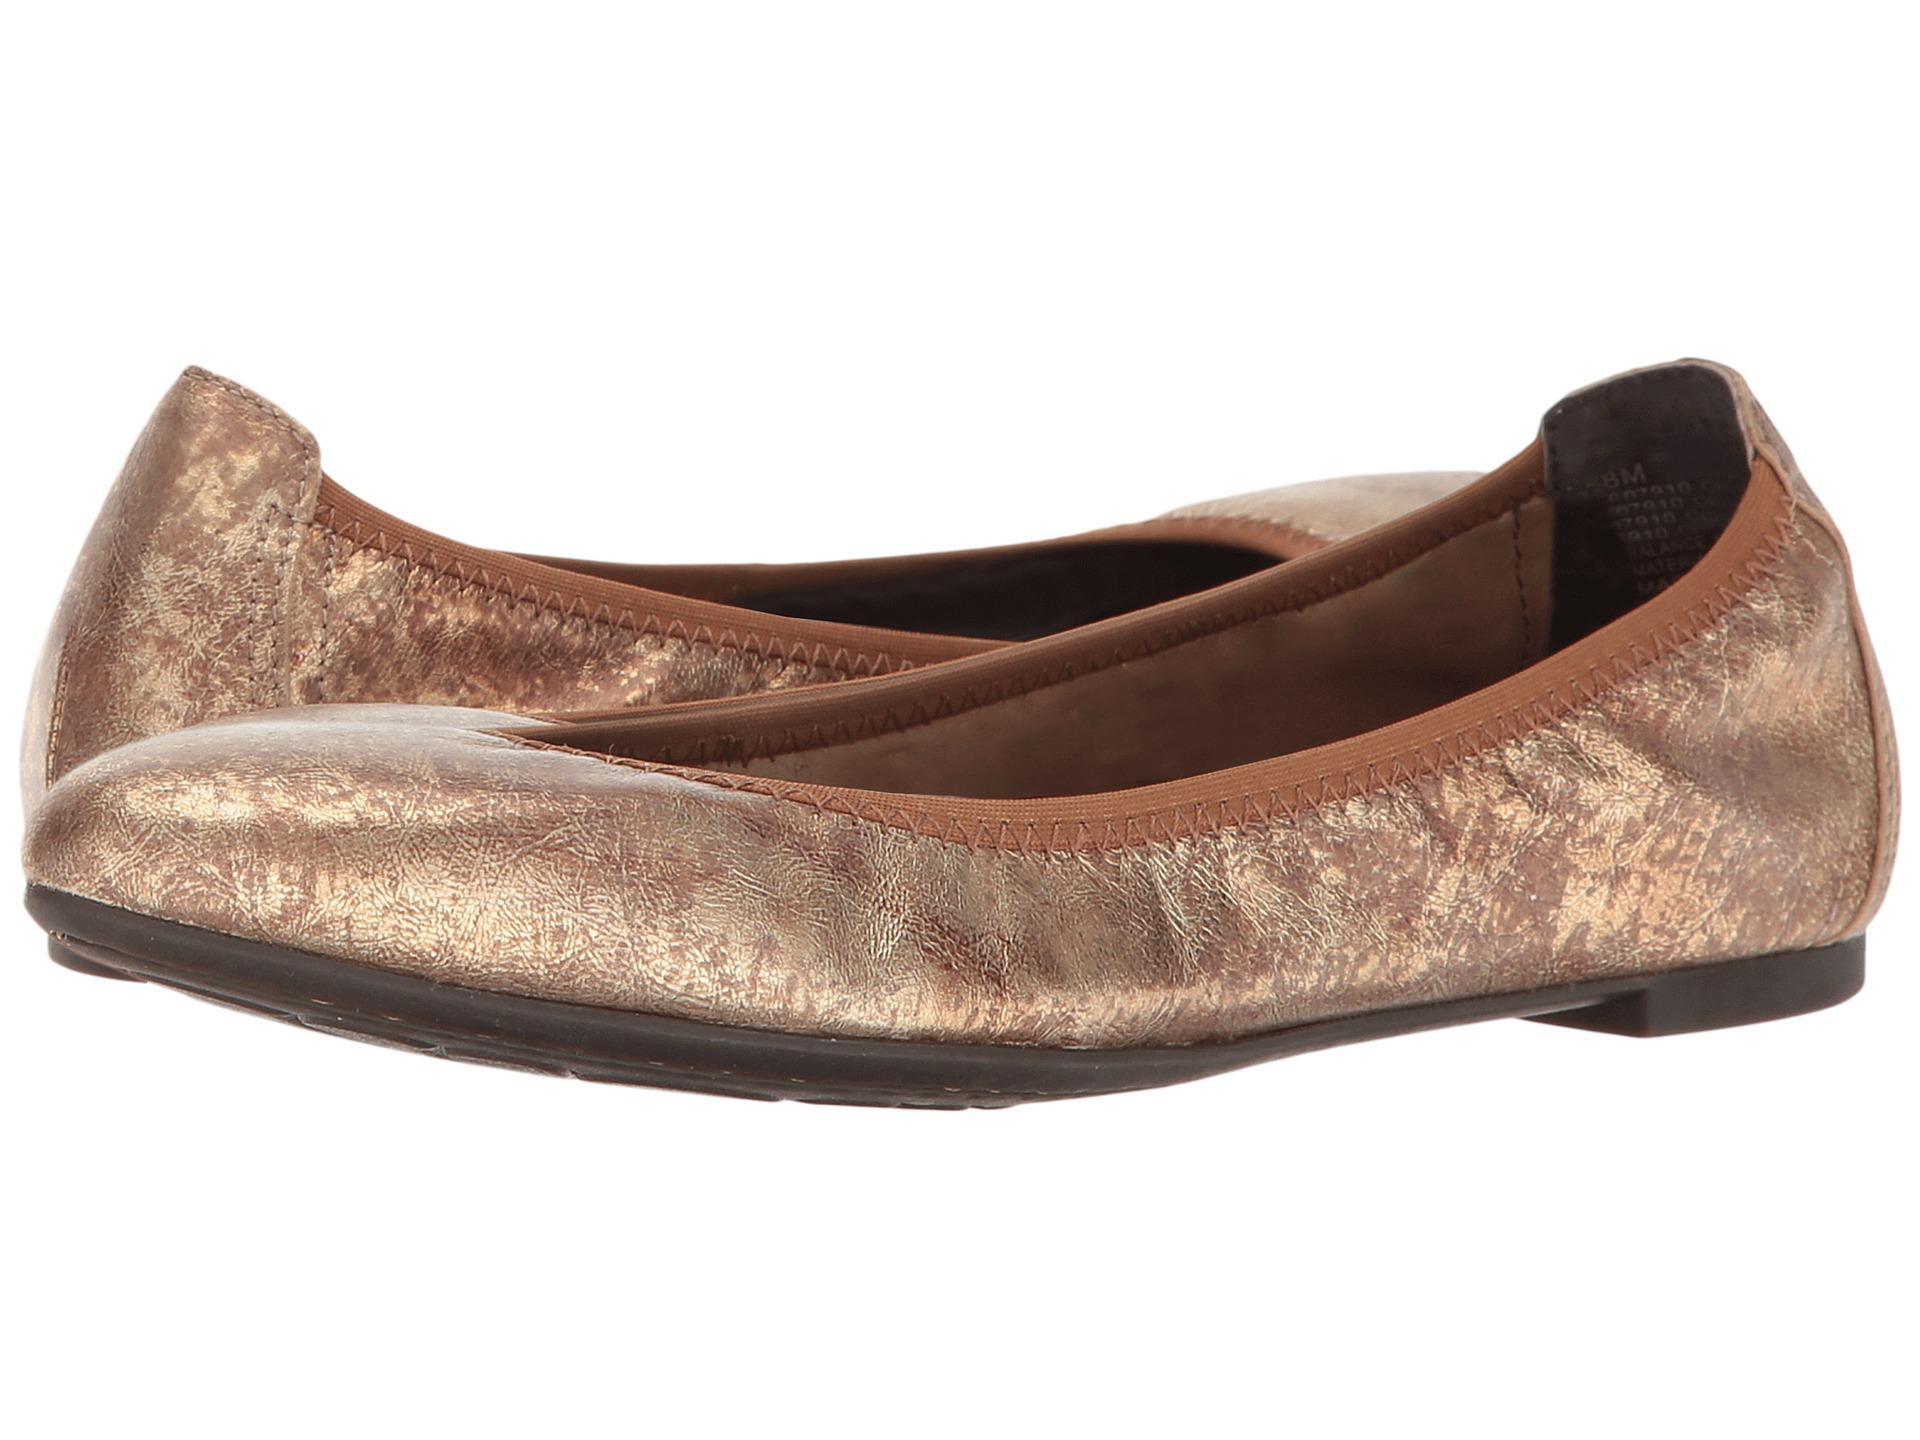 129dd79b12fe https   www.lyst.com shoes stella-mccartney-striped-espadrille ...